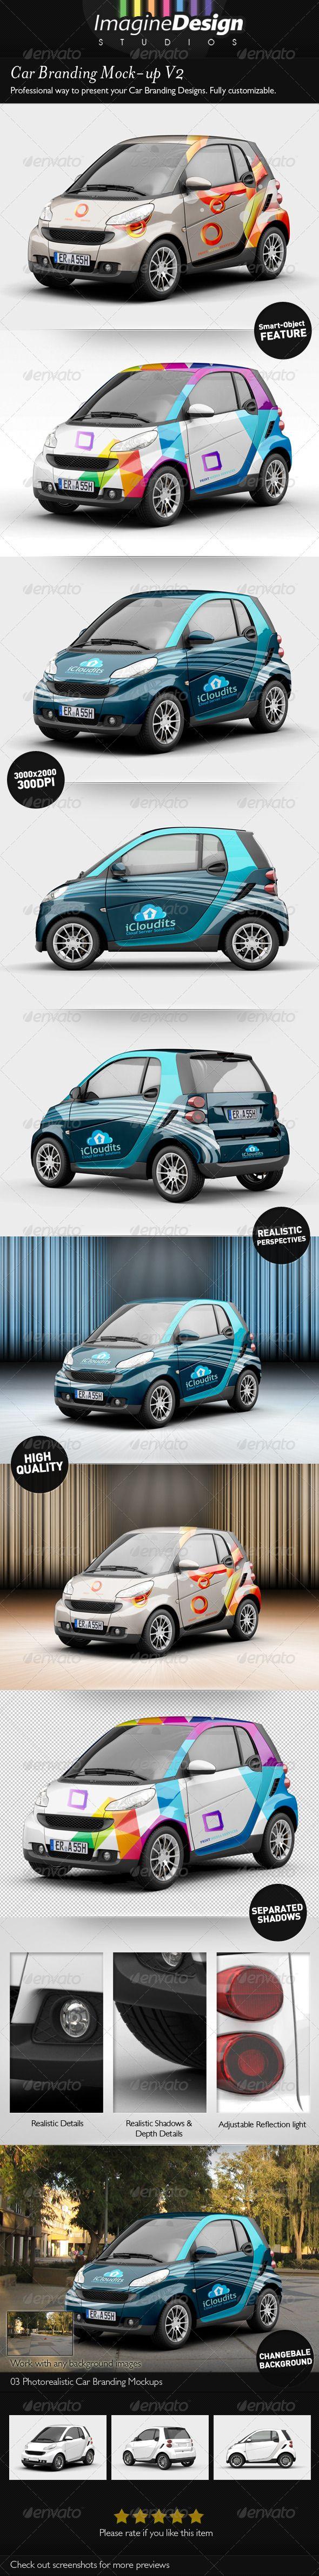 Car Branding Mock Up V2 Branding Mockup Vehicle Signage